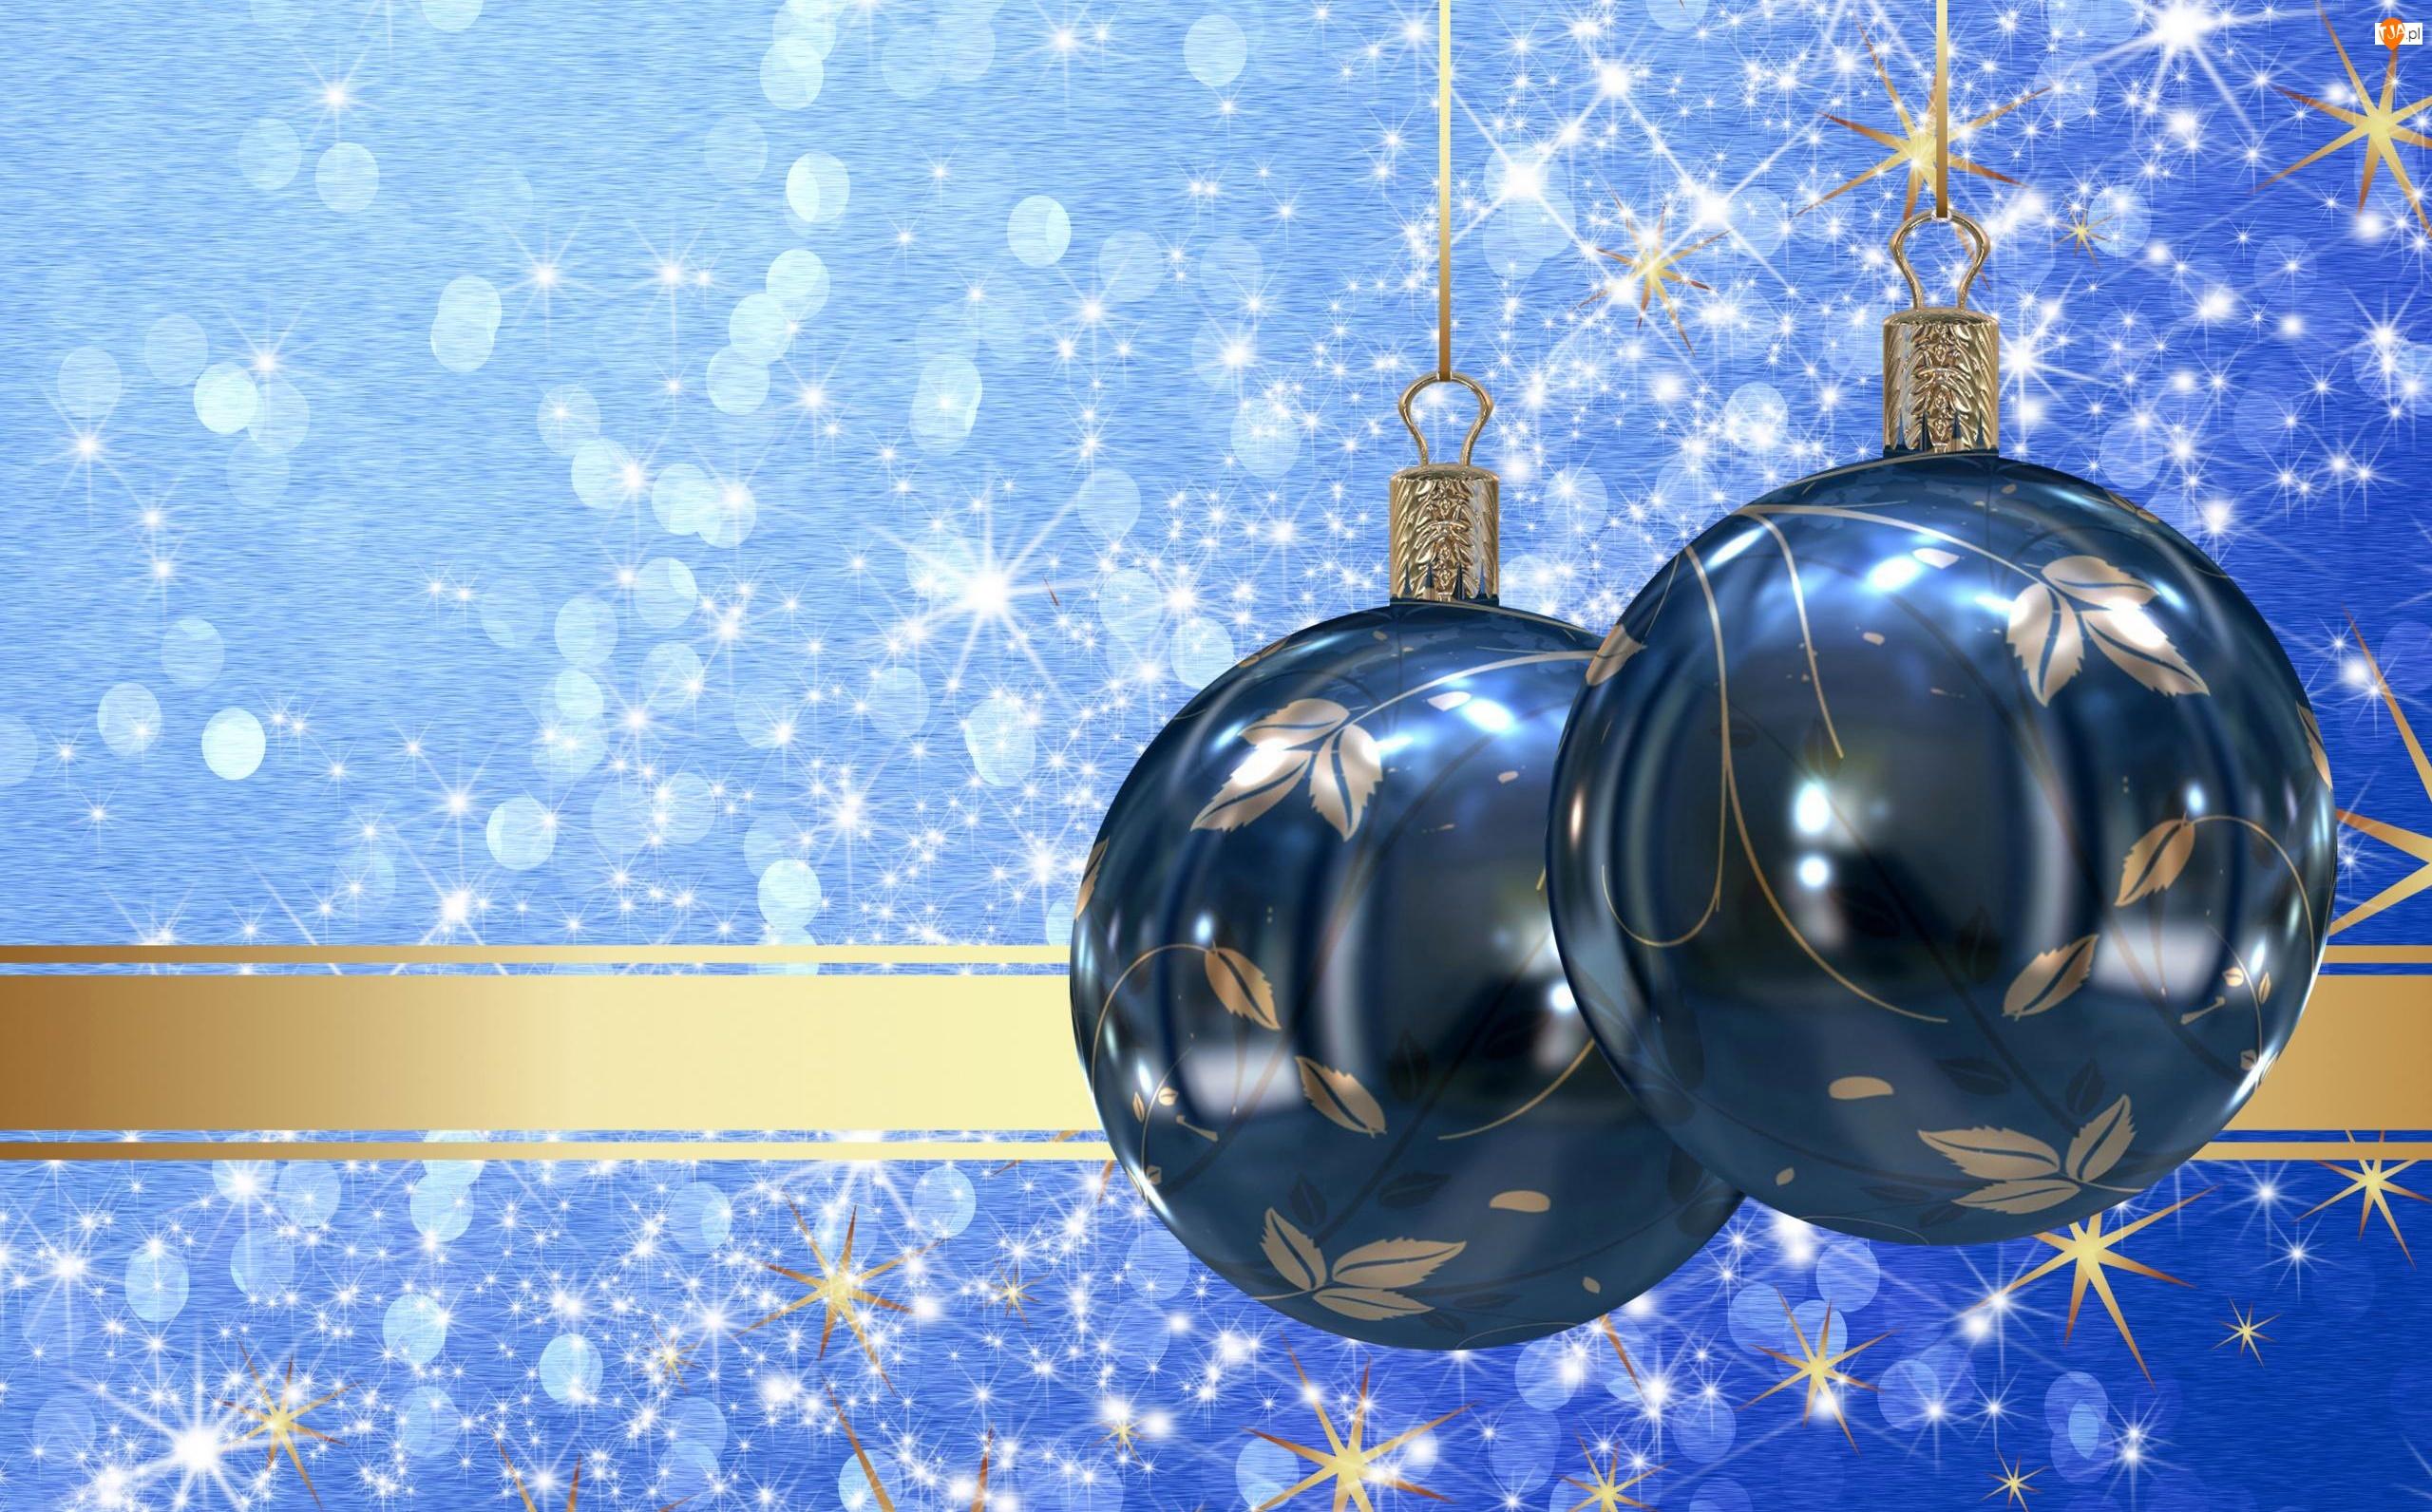 Gwiazdki, Boże Narodzenie, Dekoracja, Grafika, Bombki, Święta